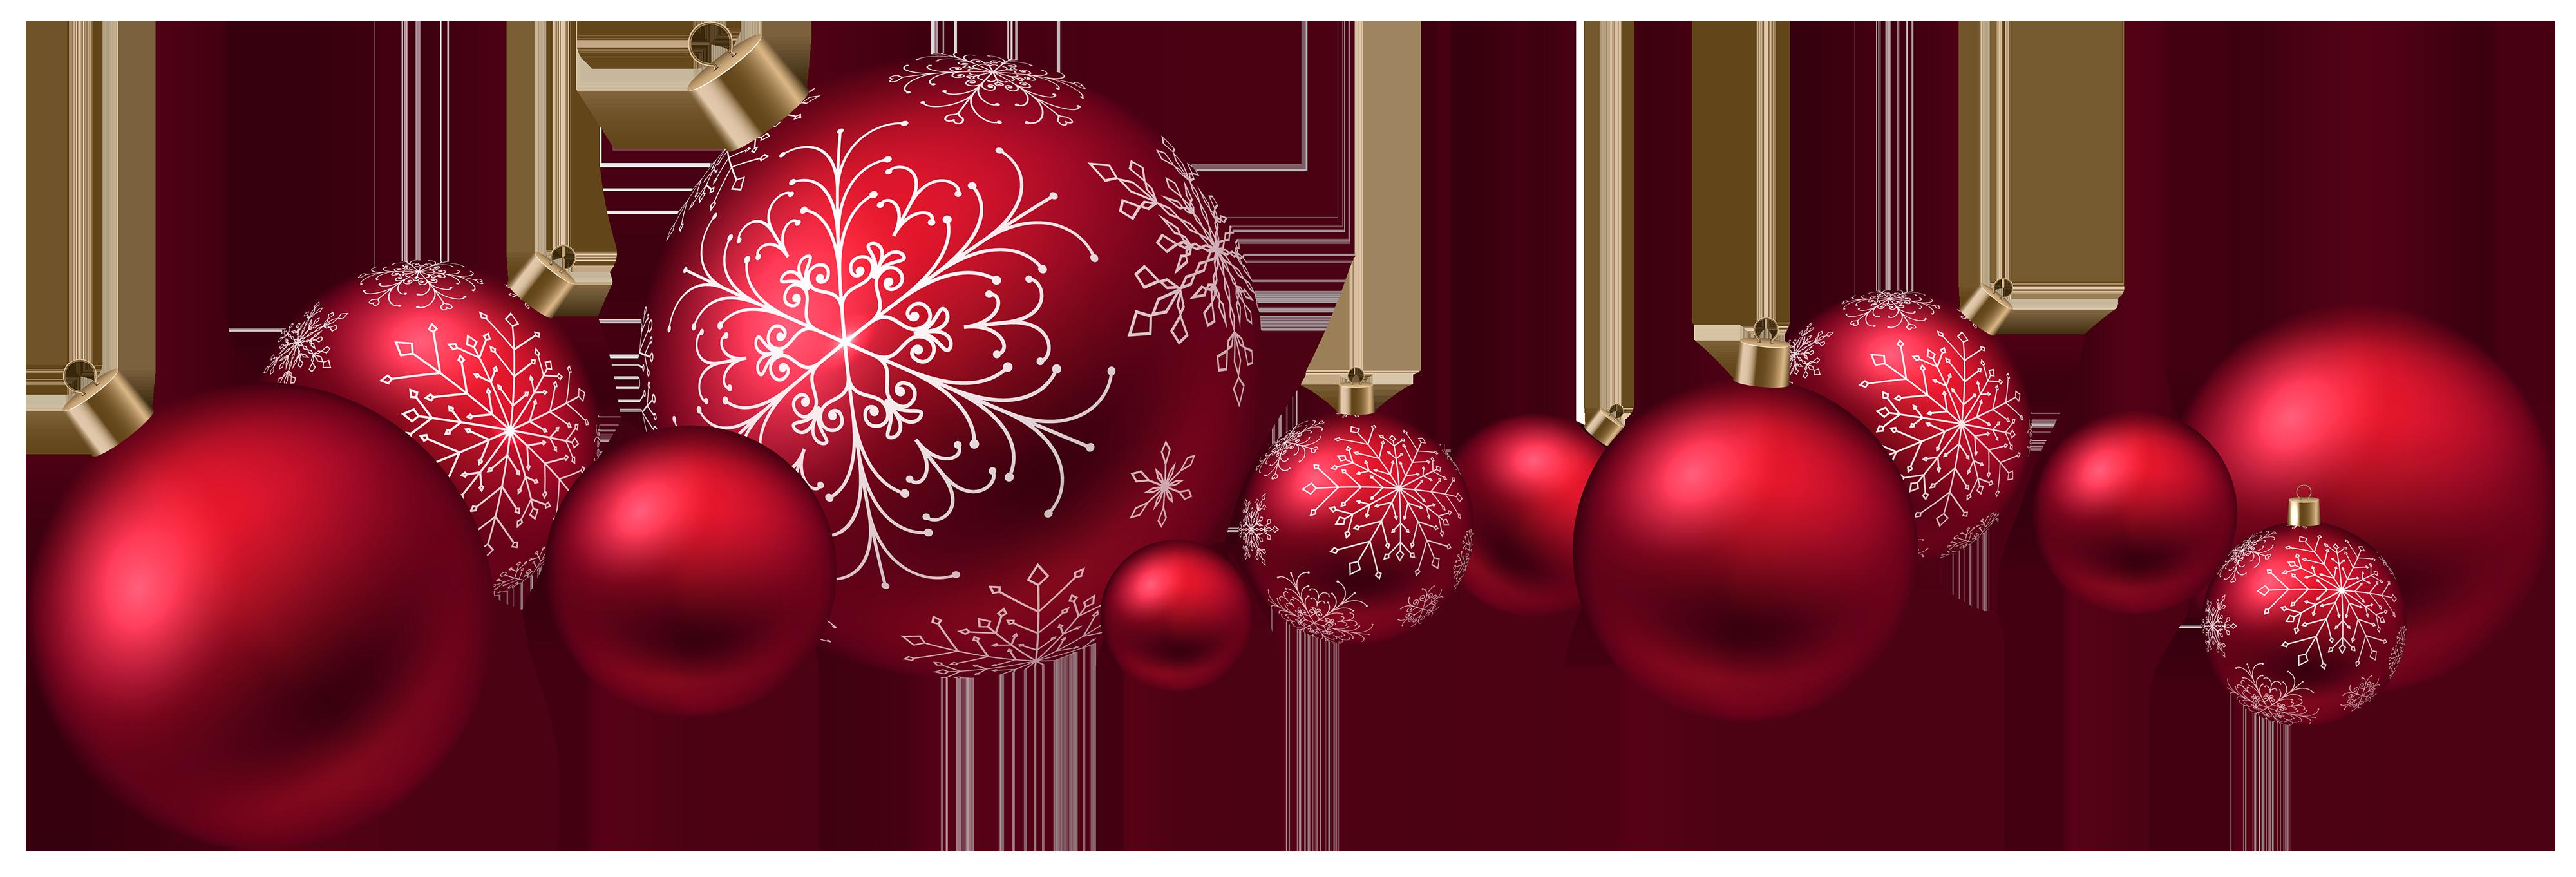 Christmas Balls Png image #35211 - Christmas Ball PNG